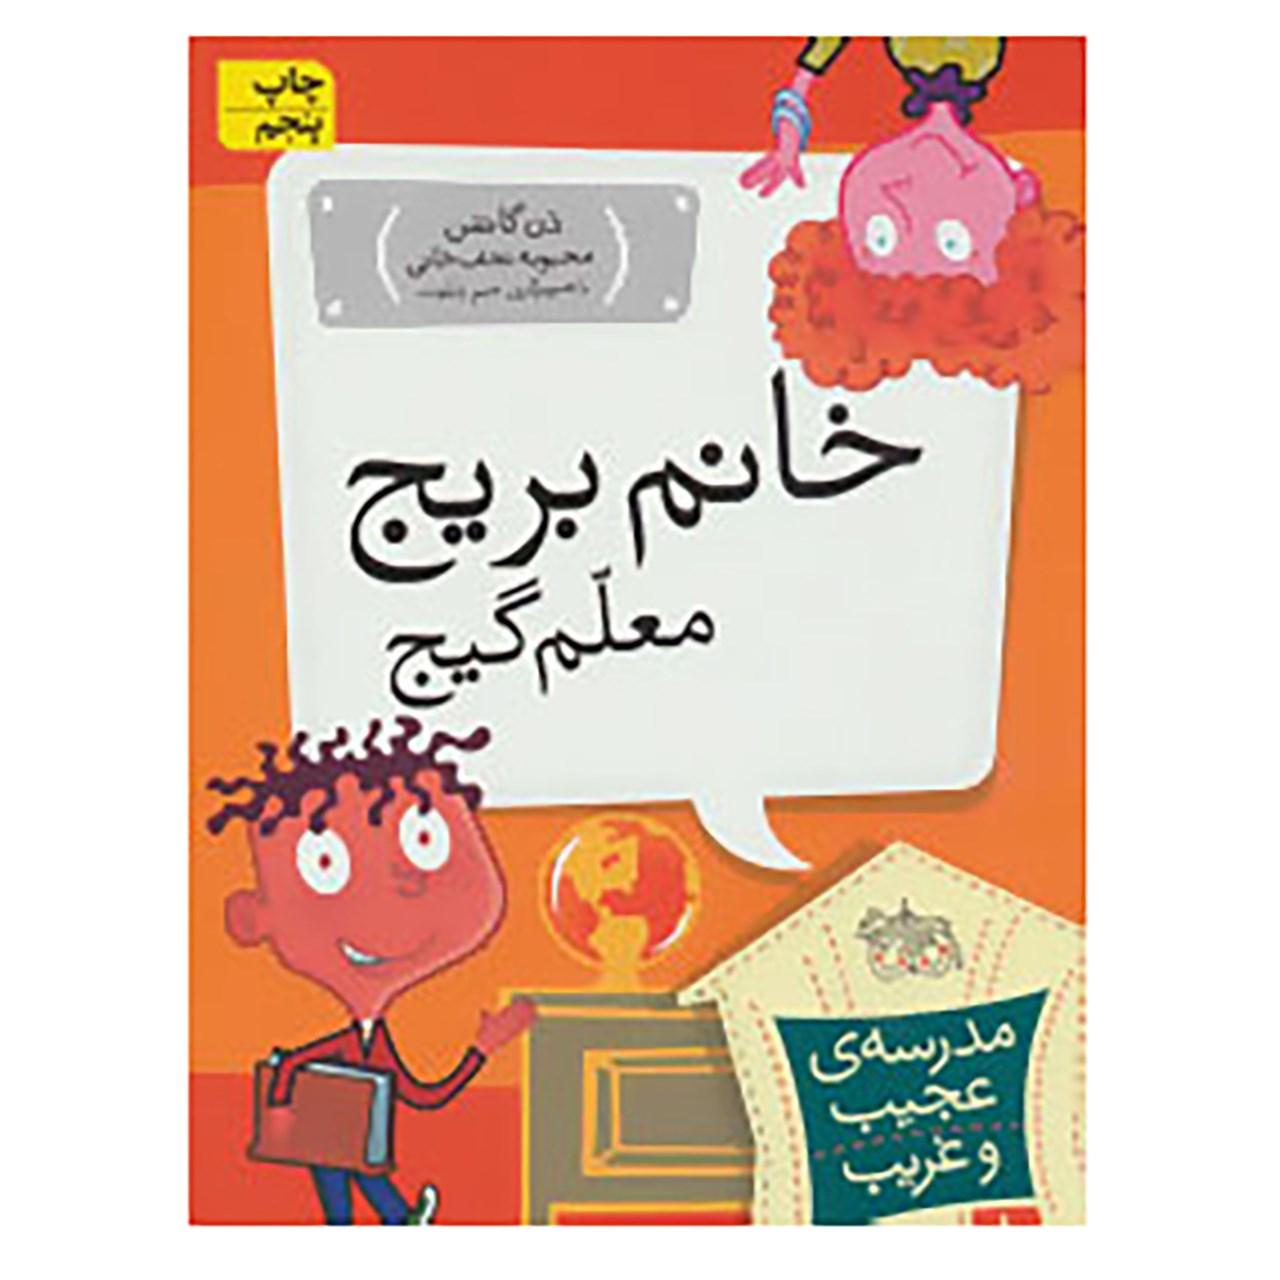 خرید                      کتاب مدرسه ی عجیب و غریب 1 اثر دن گاتمن